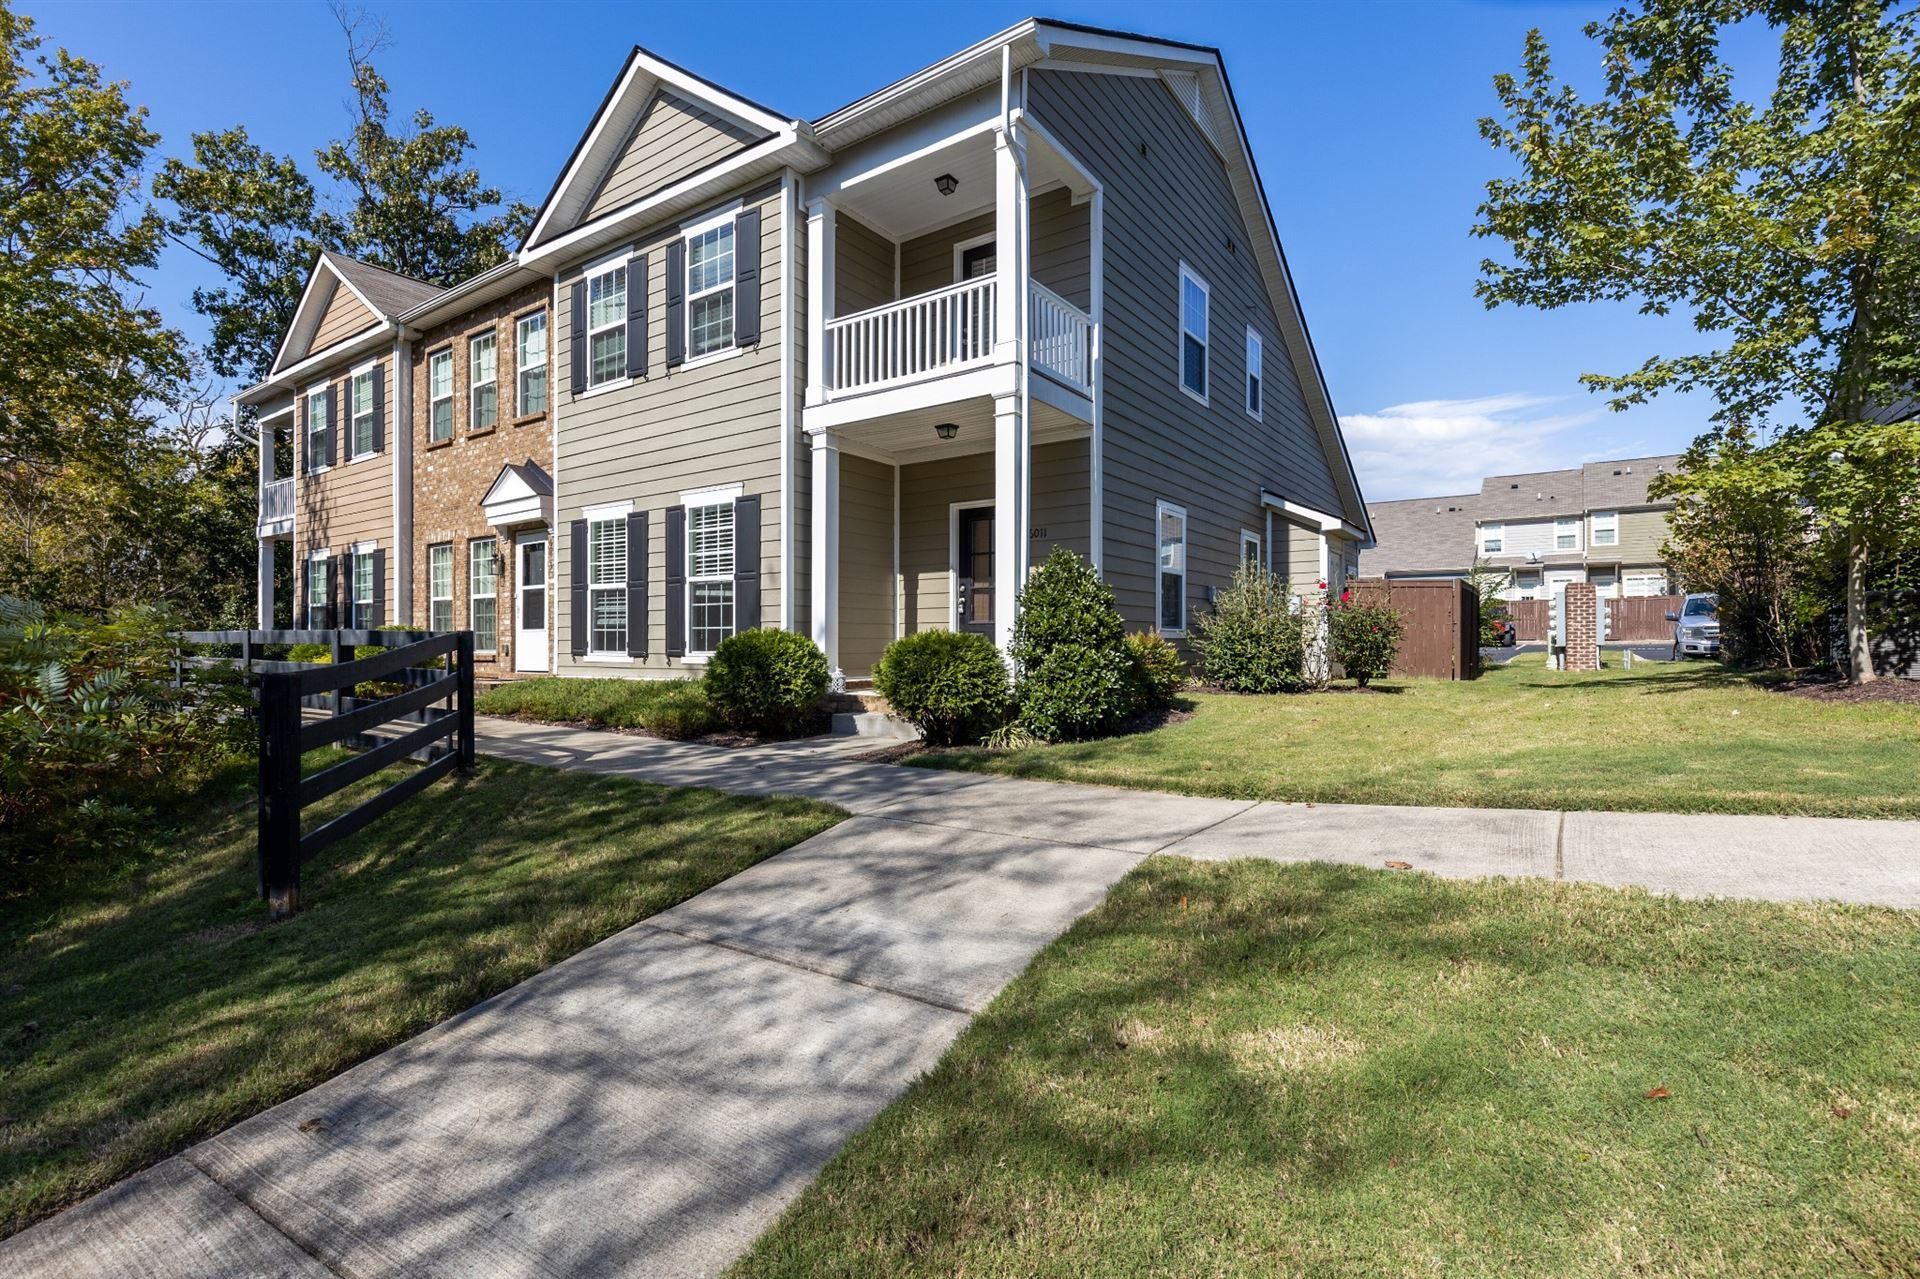 Photo of 6011 DuPont Cv, Spring Hill, TN 37174 (MLS # 2302748)